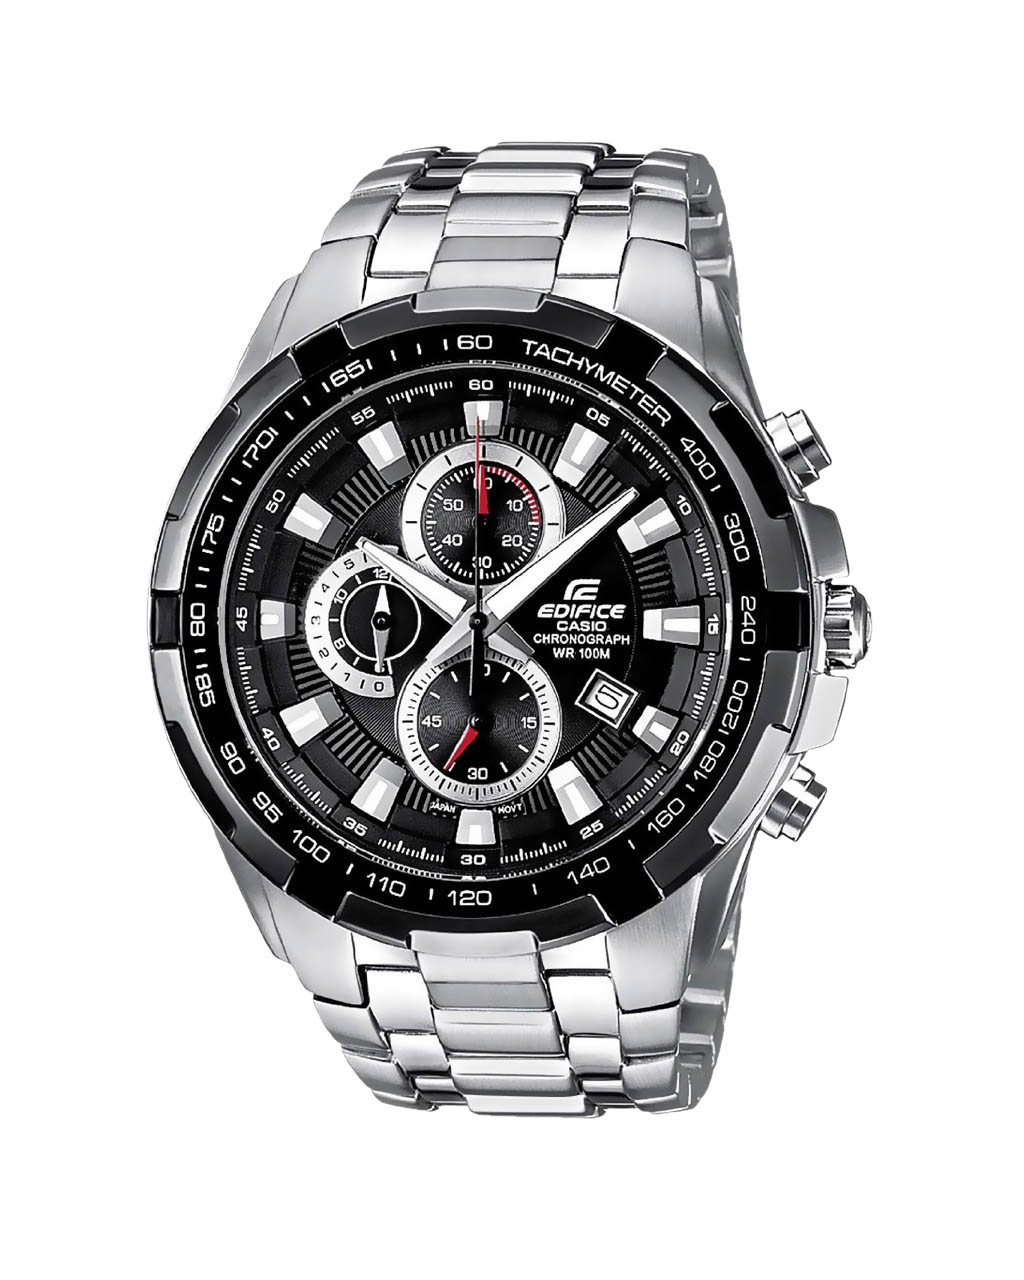 Ρολόι CASIO Edifice EF-539D-1AVEF  b5a7b4018ab